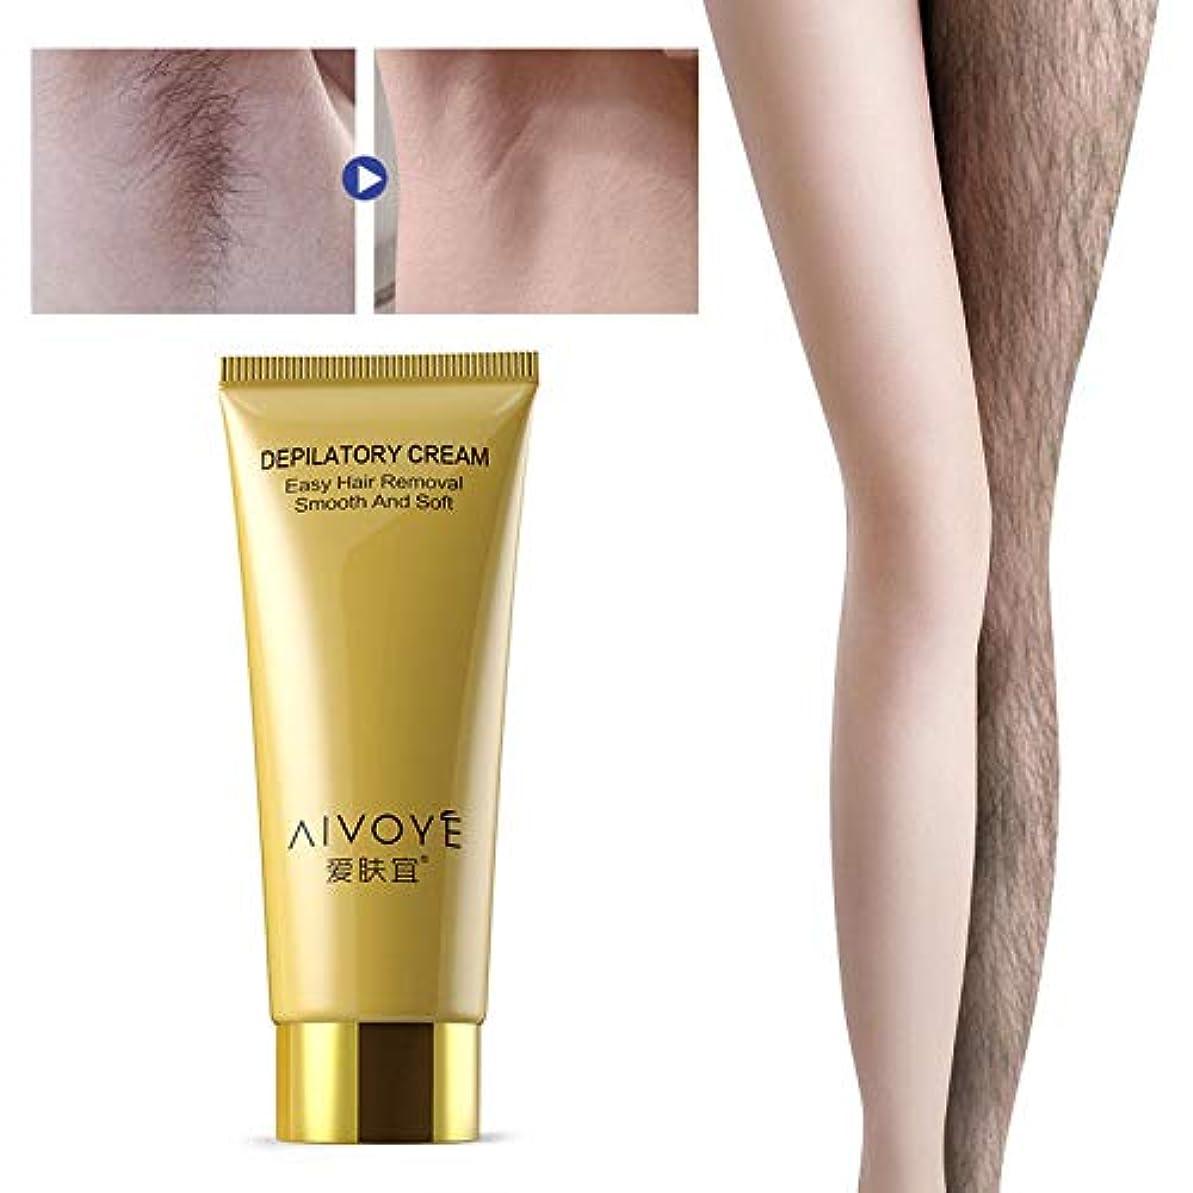 酸化物ナサニエル区ピービッシュRabugoo 60g男性女性安全な痛みを抑える脱毛クリーム脚の体のための滑らかな肌の脱毛クリーム